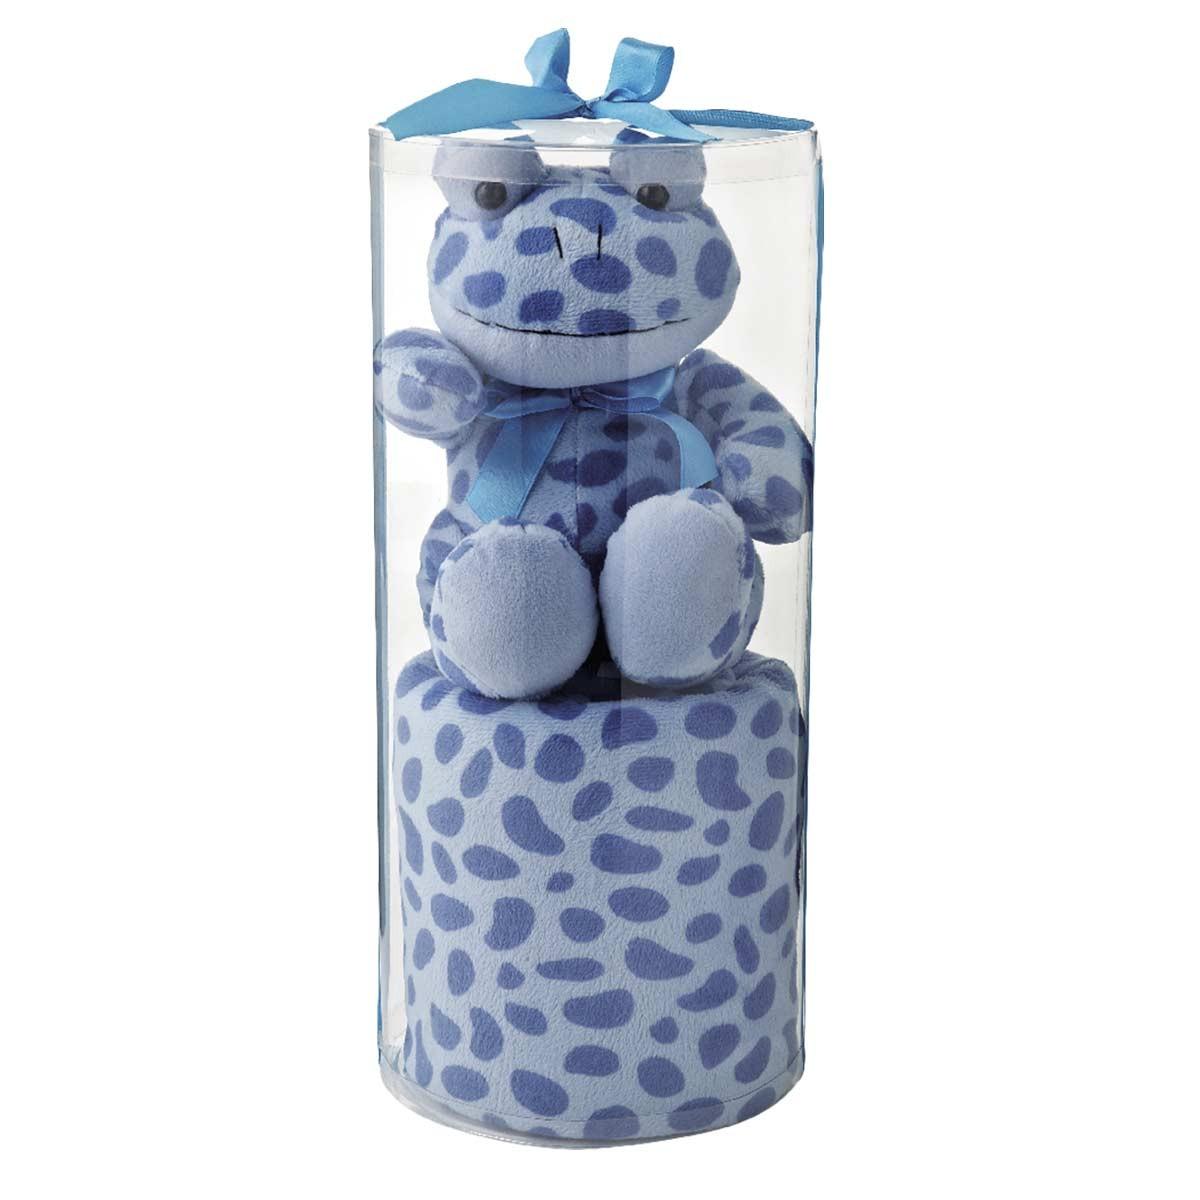 Κουβέρτα Fleece Αγκαλιάς White Egg 2151 Β/Blue home   βρεφικά   κουβέρτες βρεφικές   κουβέρτες fleece